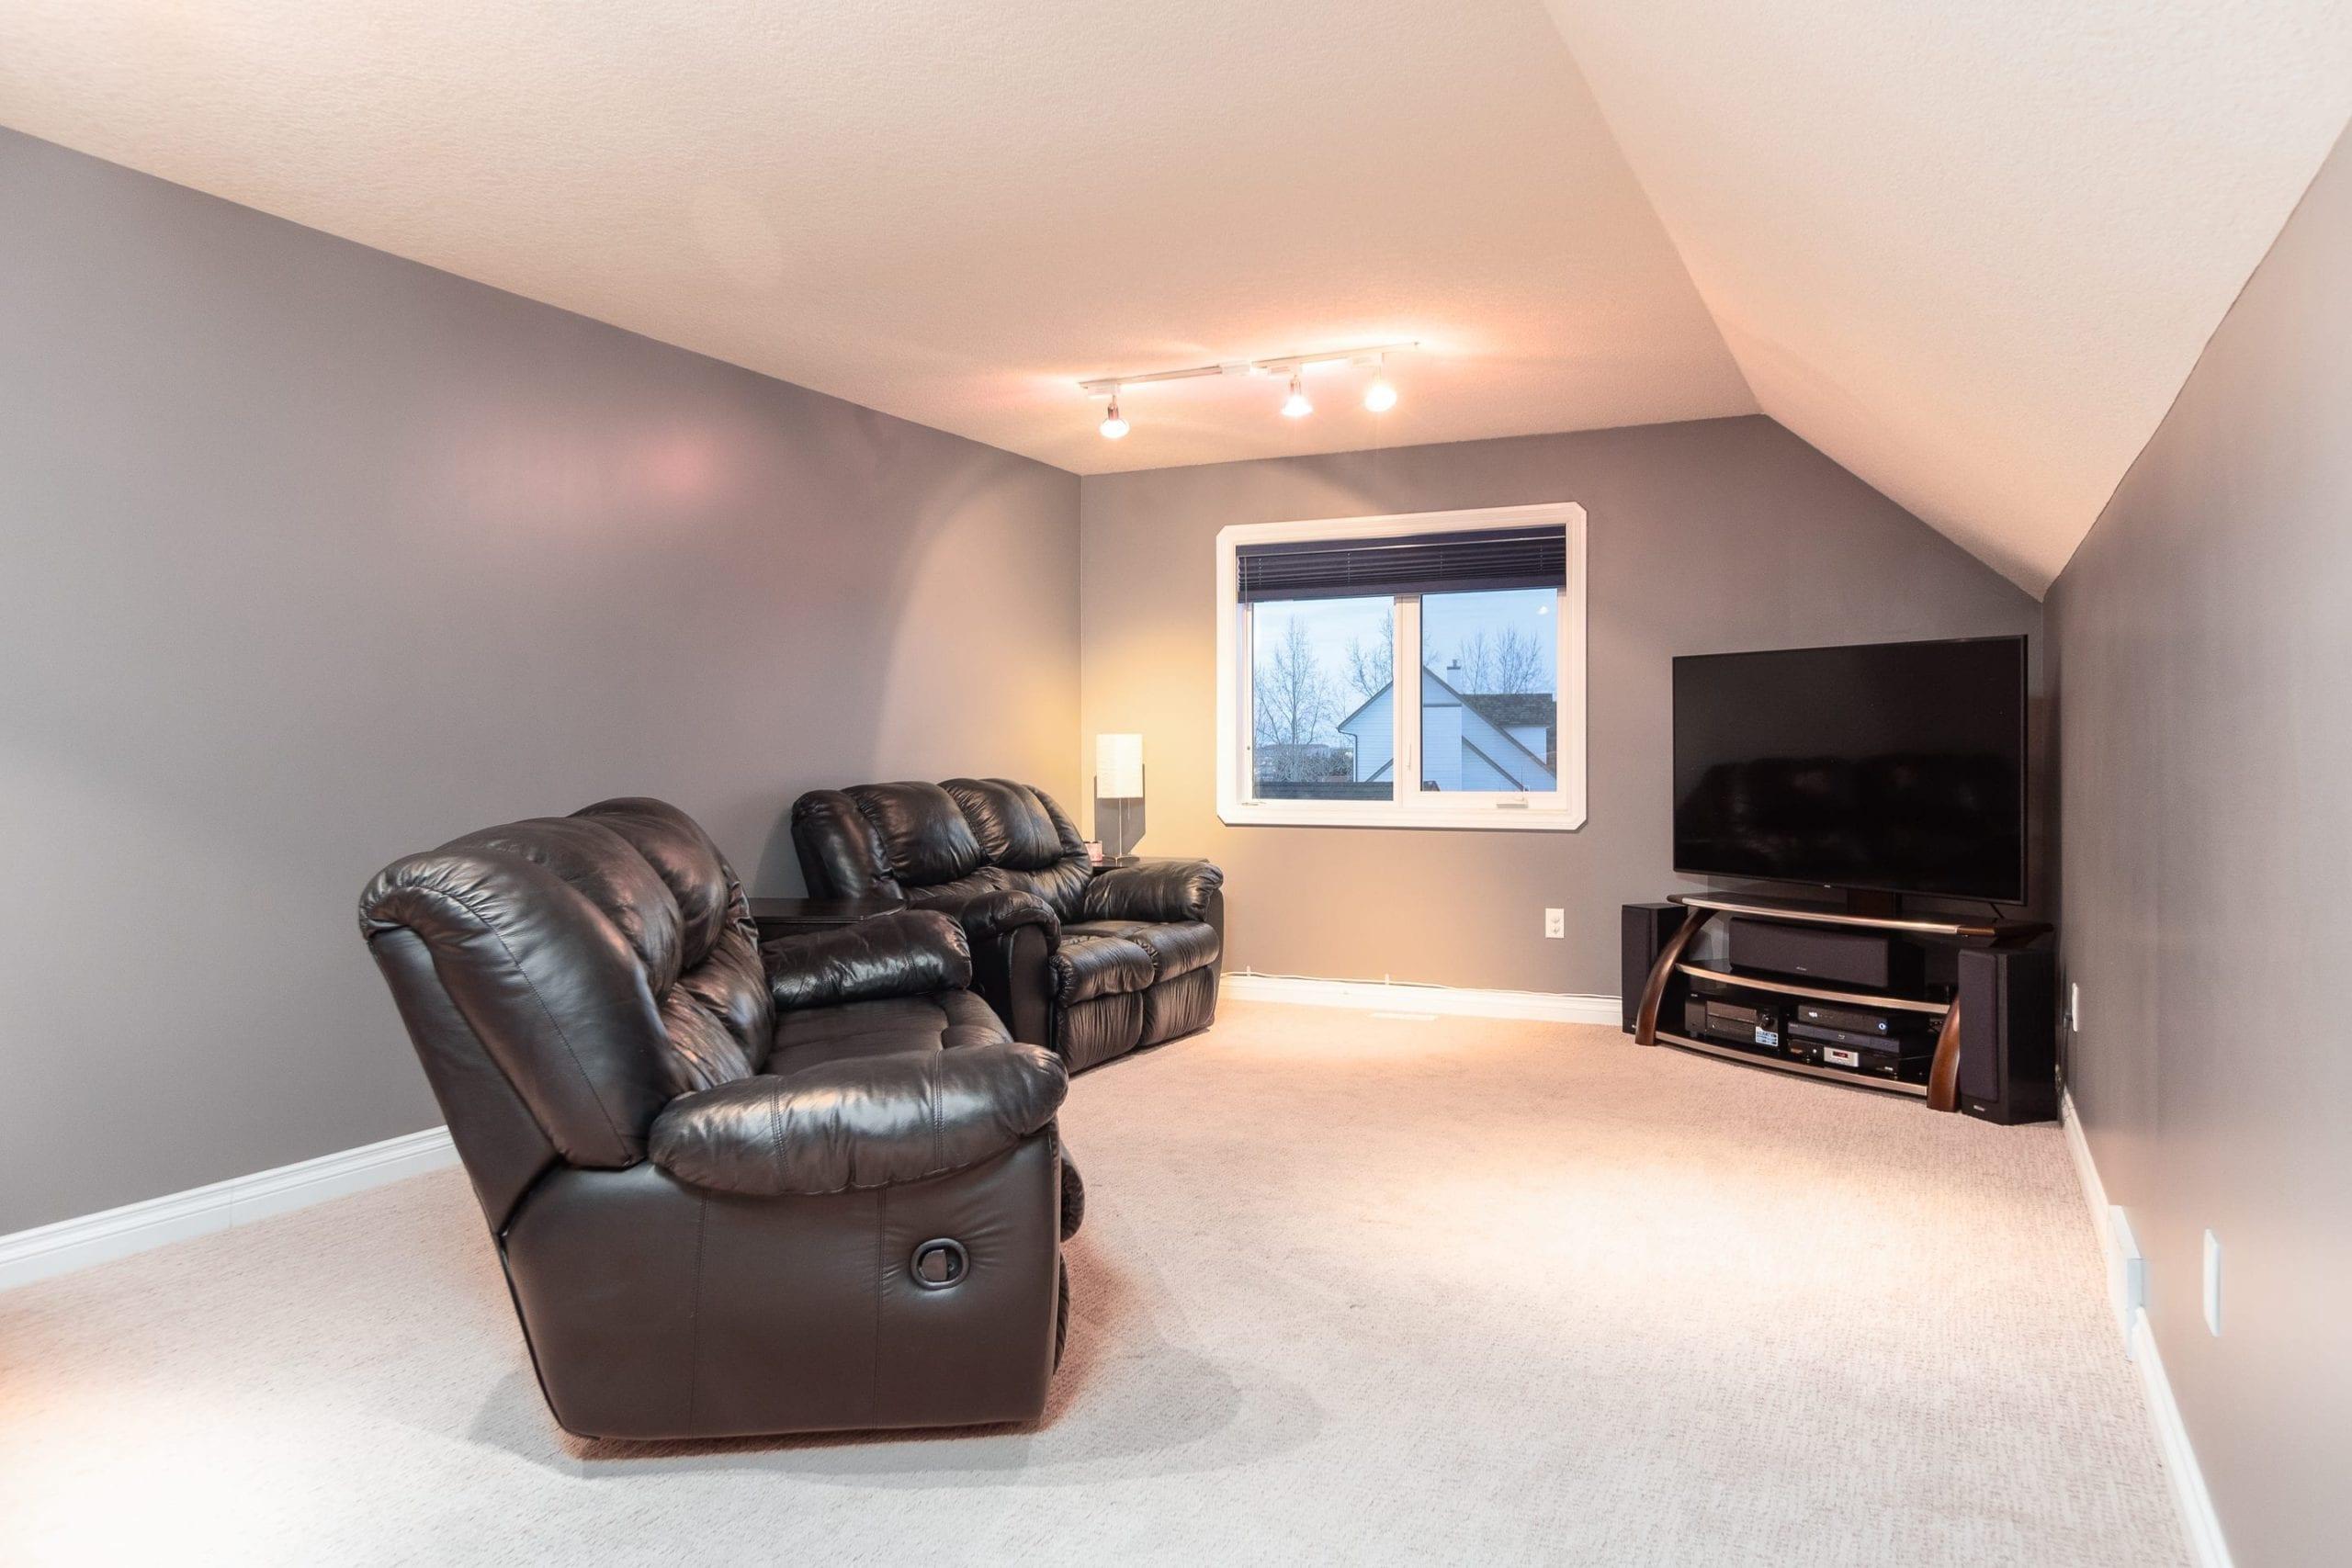 Hello Gorgeous - 243 Stage Coach Lane, Rockyview County AB - Tara Molina Real Estate (43 of 59)